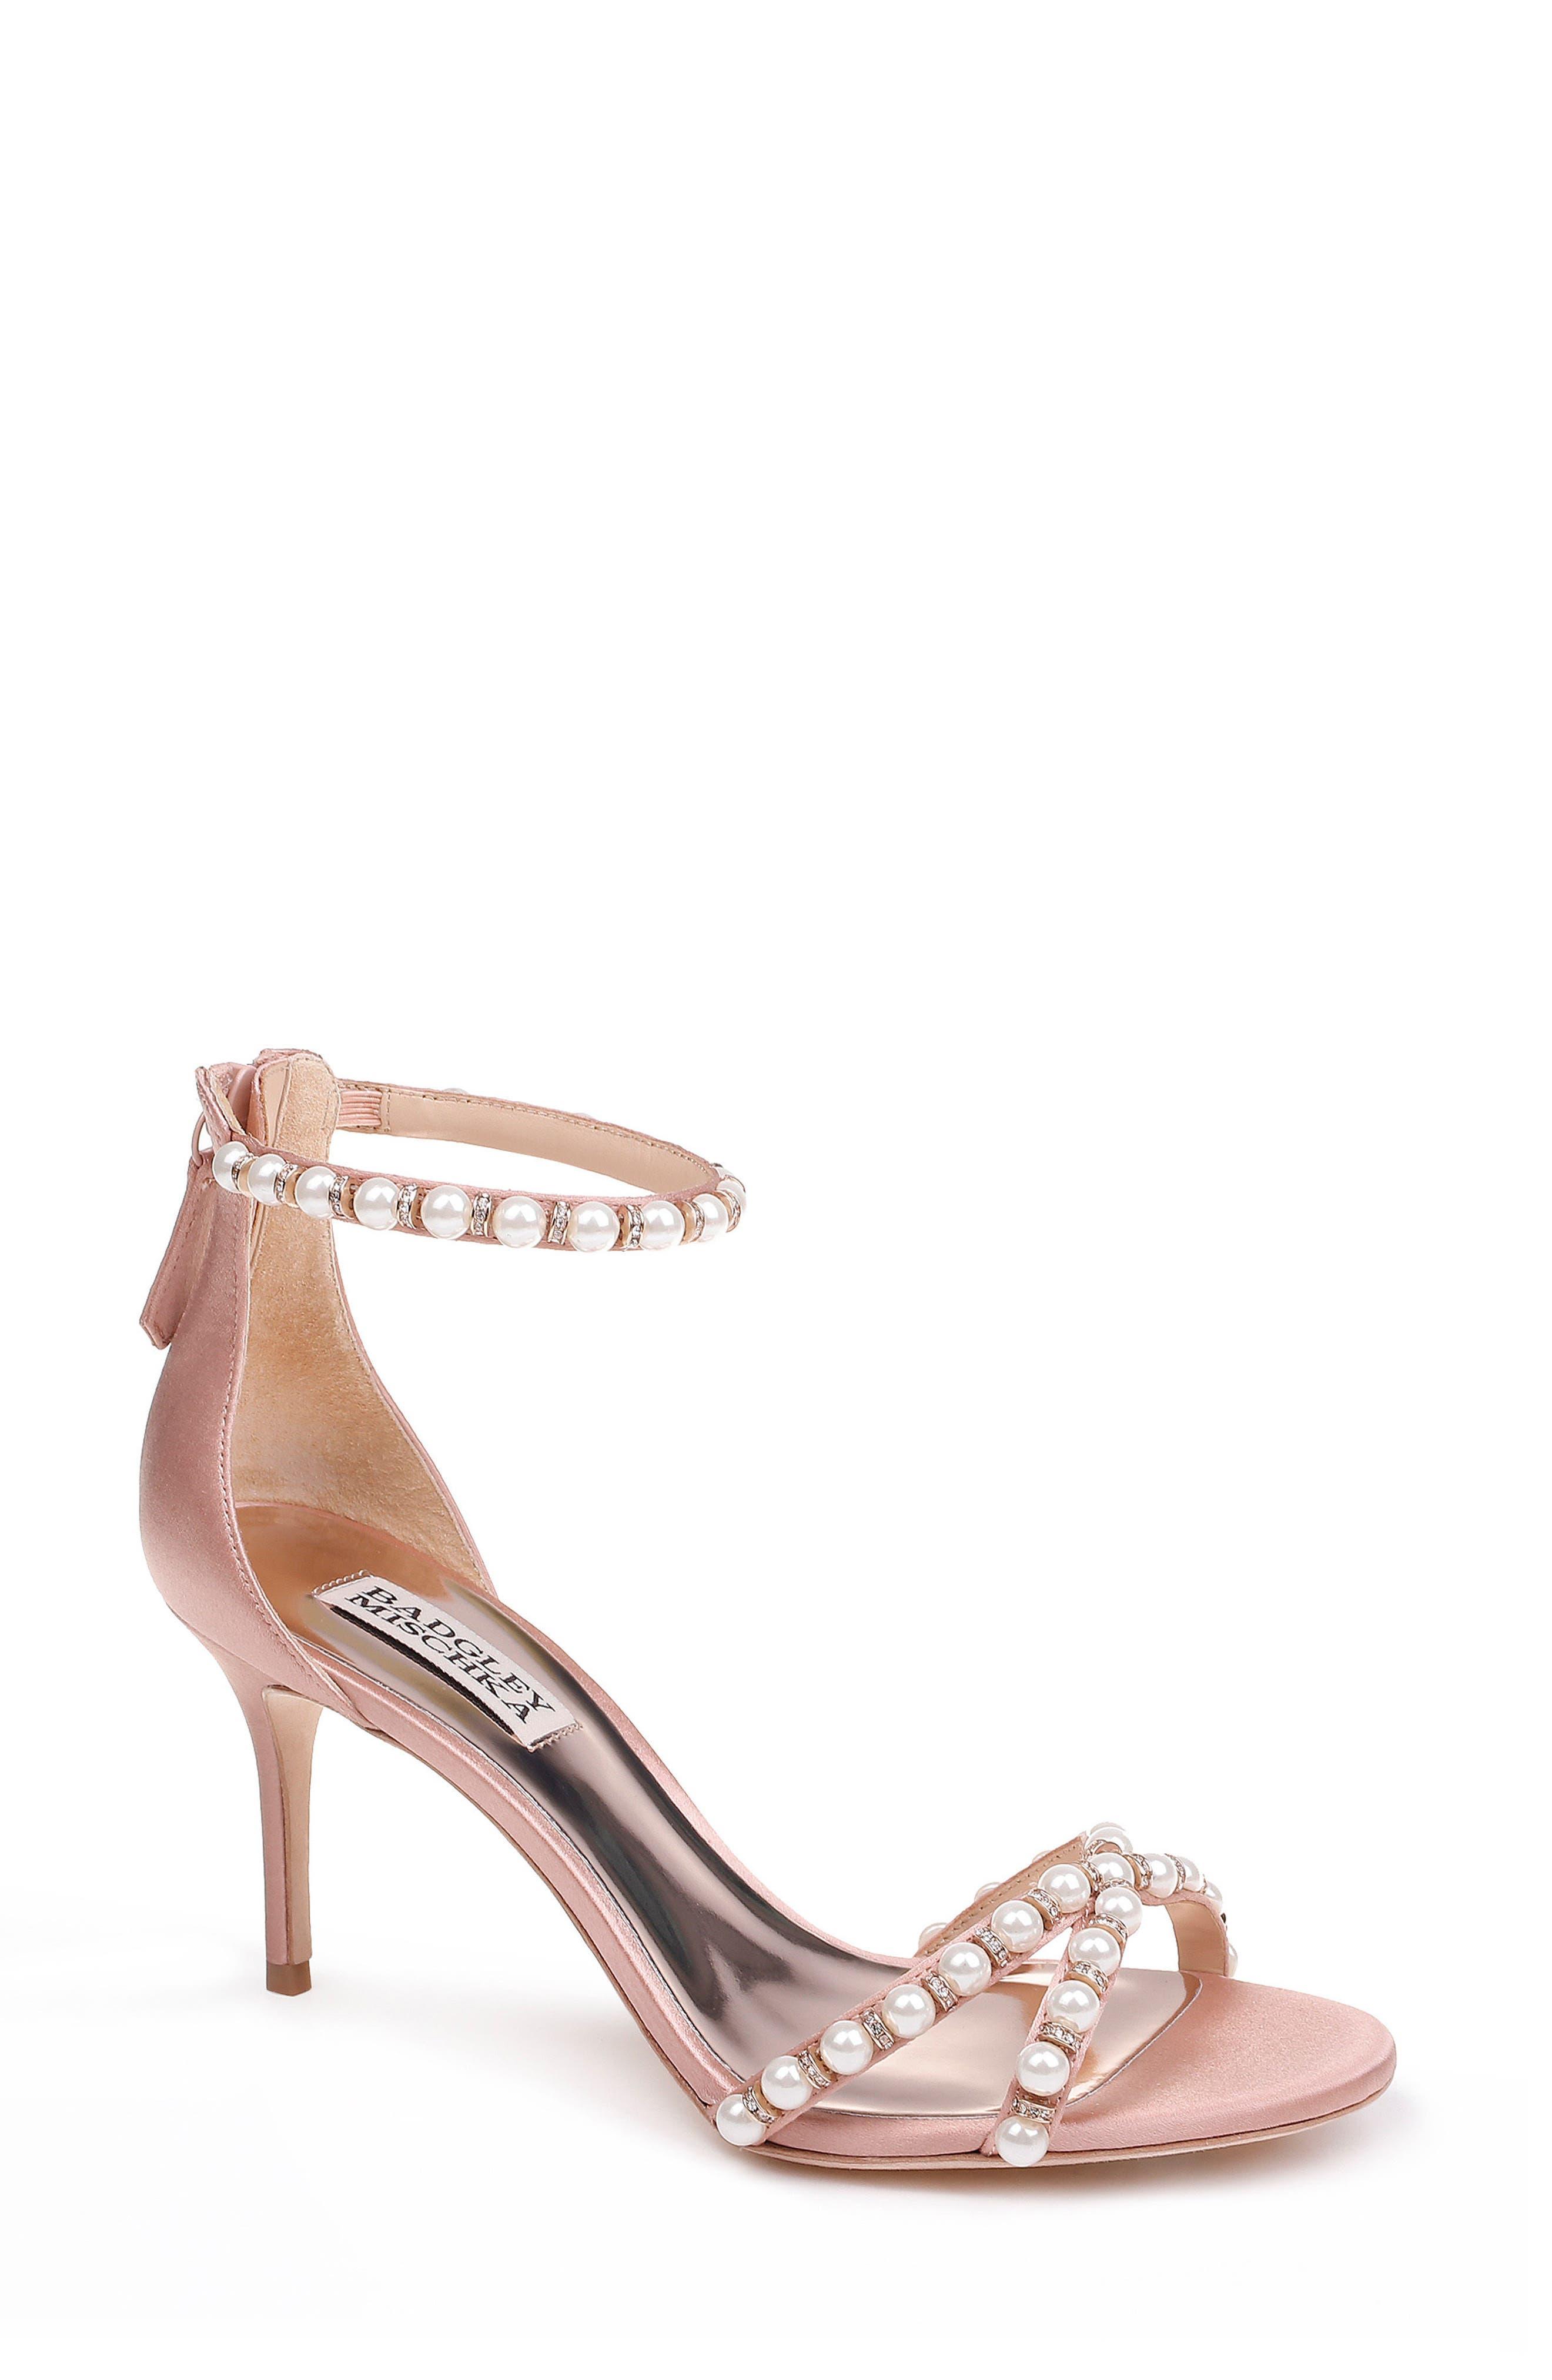 Badgley Mischka Hannah Embellished Ankle Strap Sandal- Pink